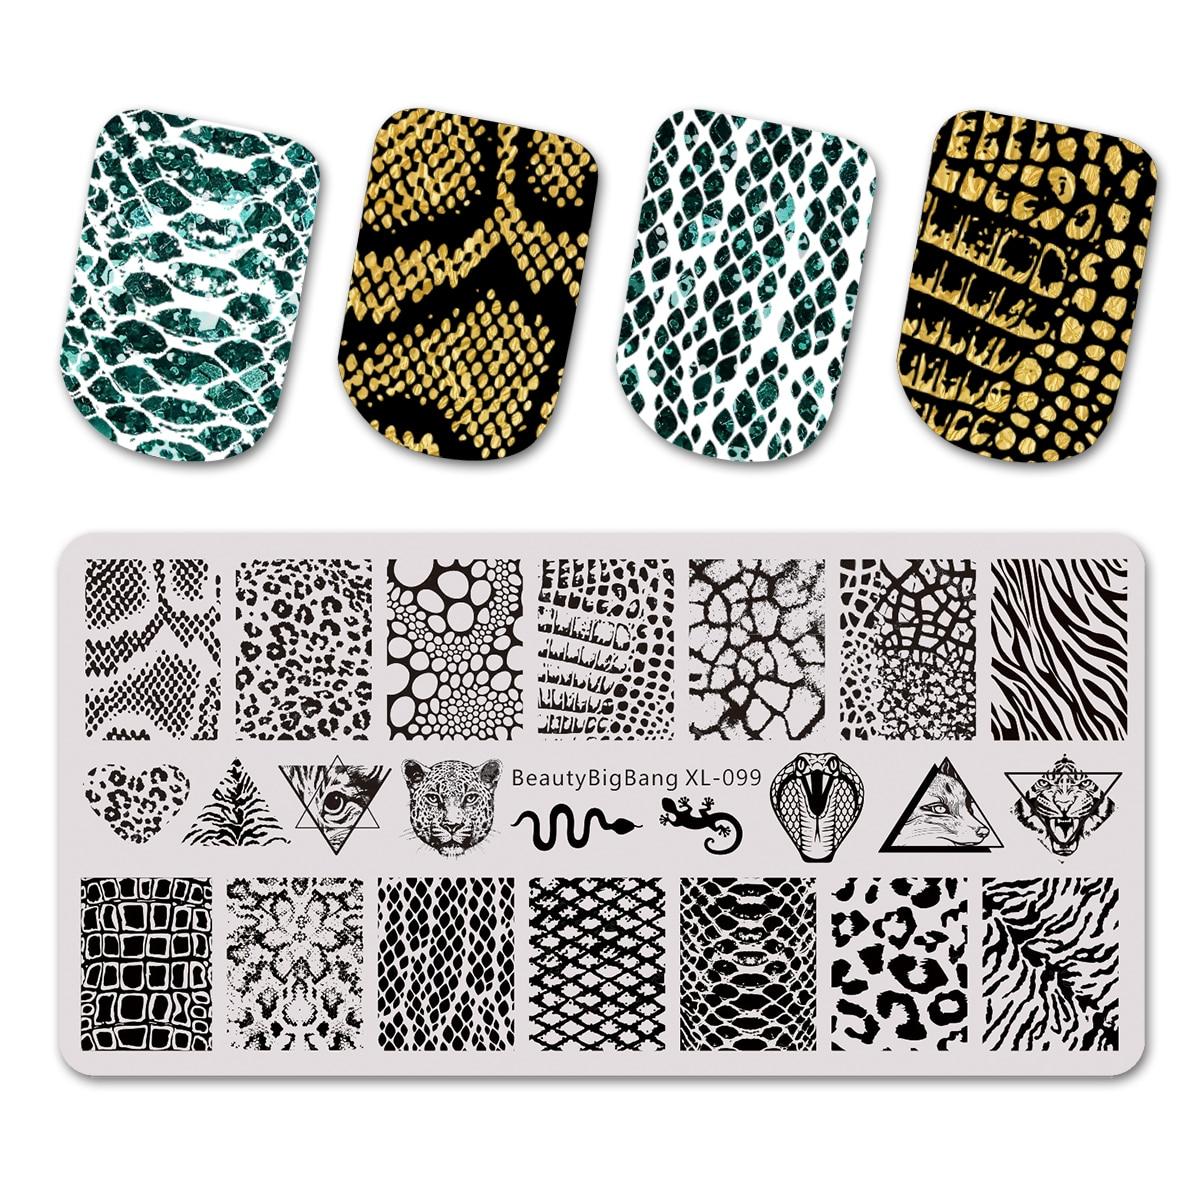 Популярные пластины для штамповки ногтей BEAUTYBIGBANG, прямоугольные квадратные и круглые пластины для штамповки ногтей, трафарет